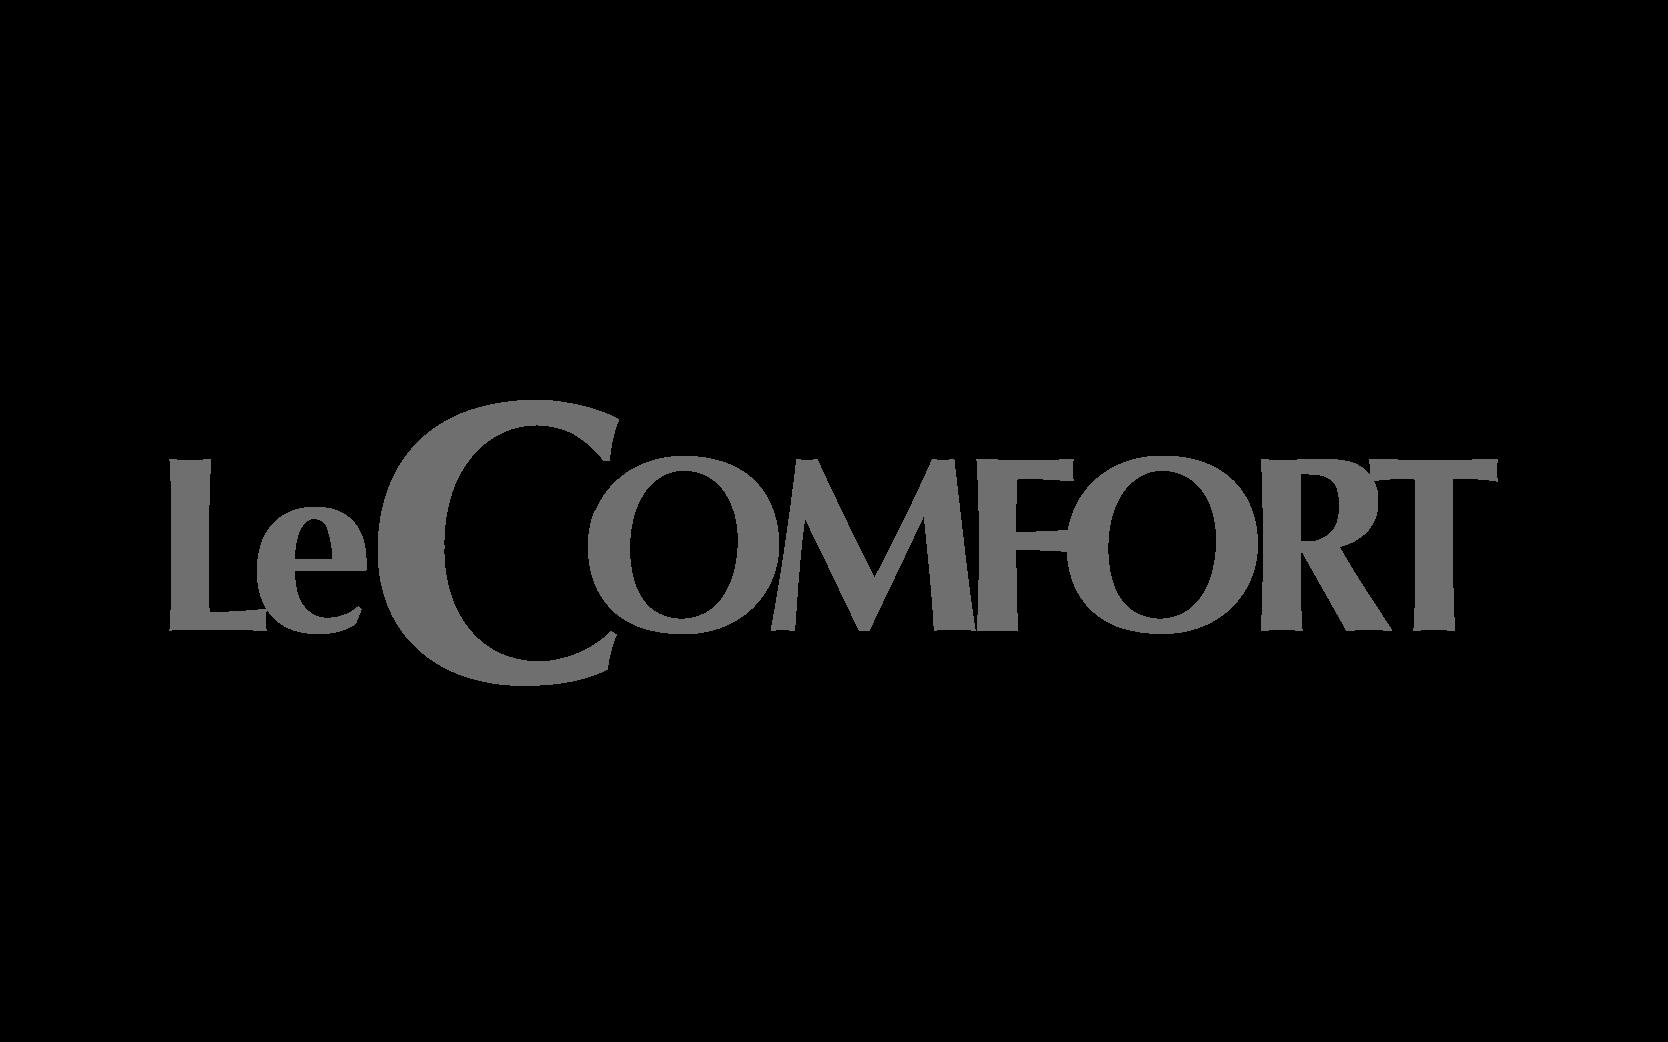 LeComfort